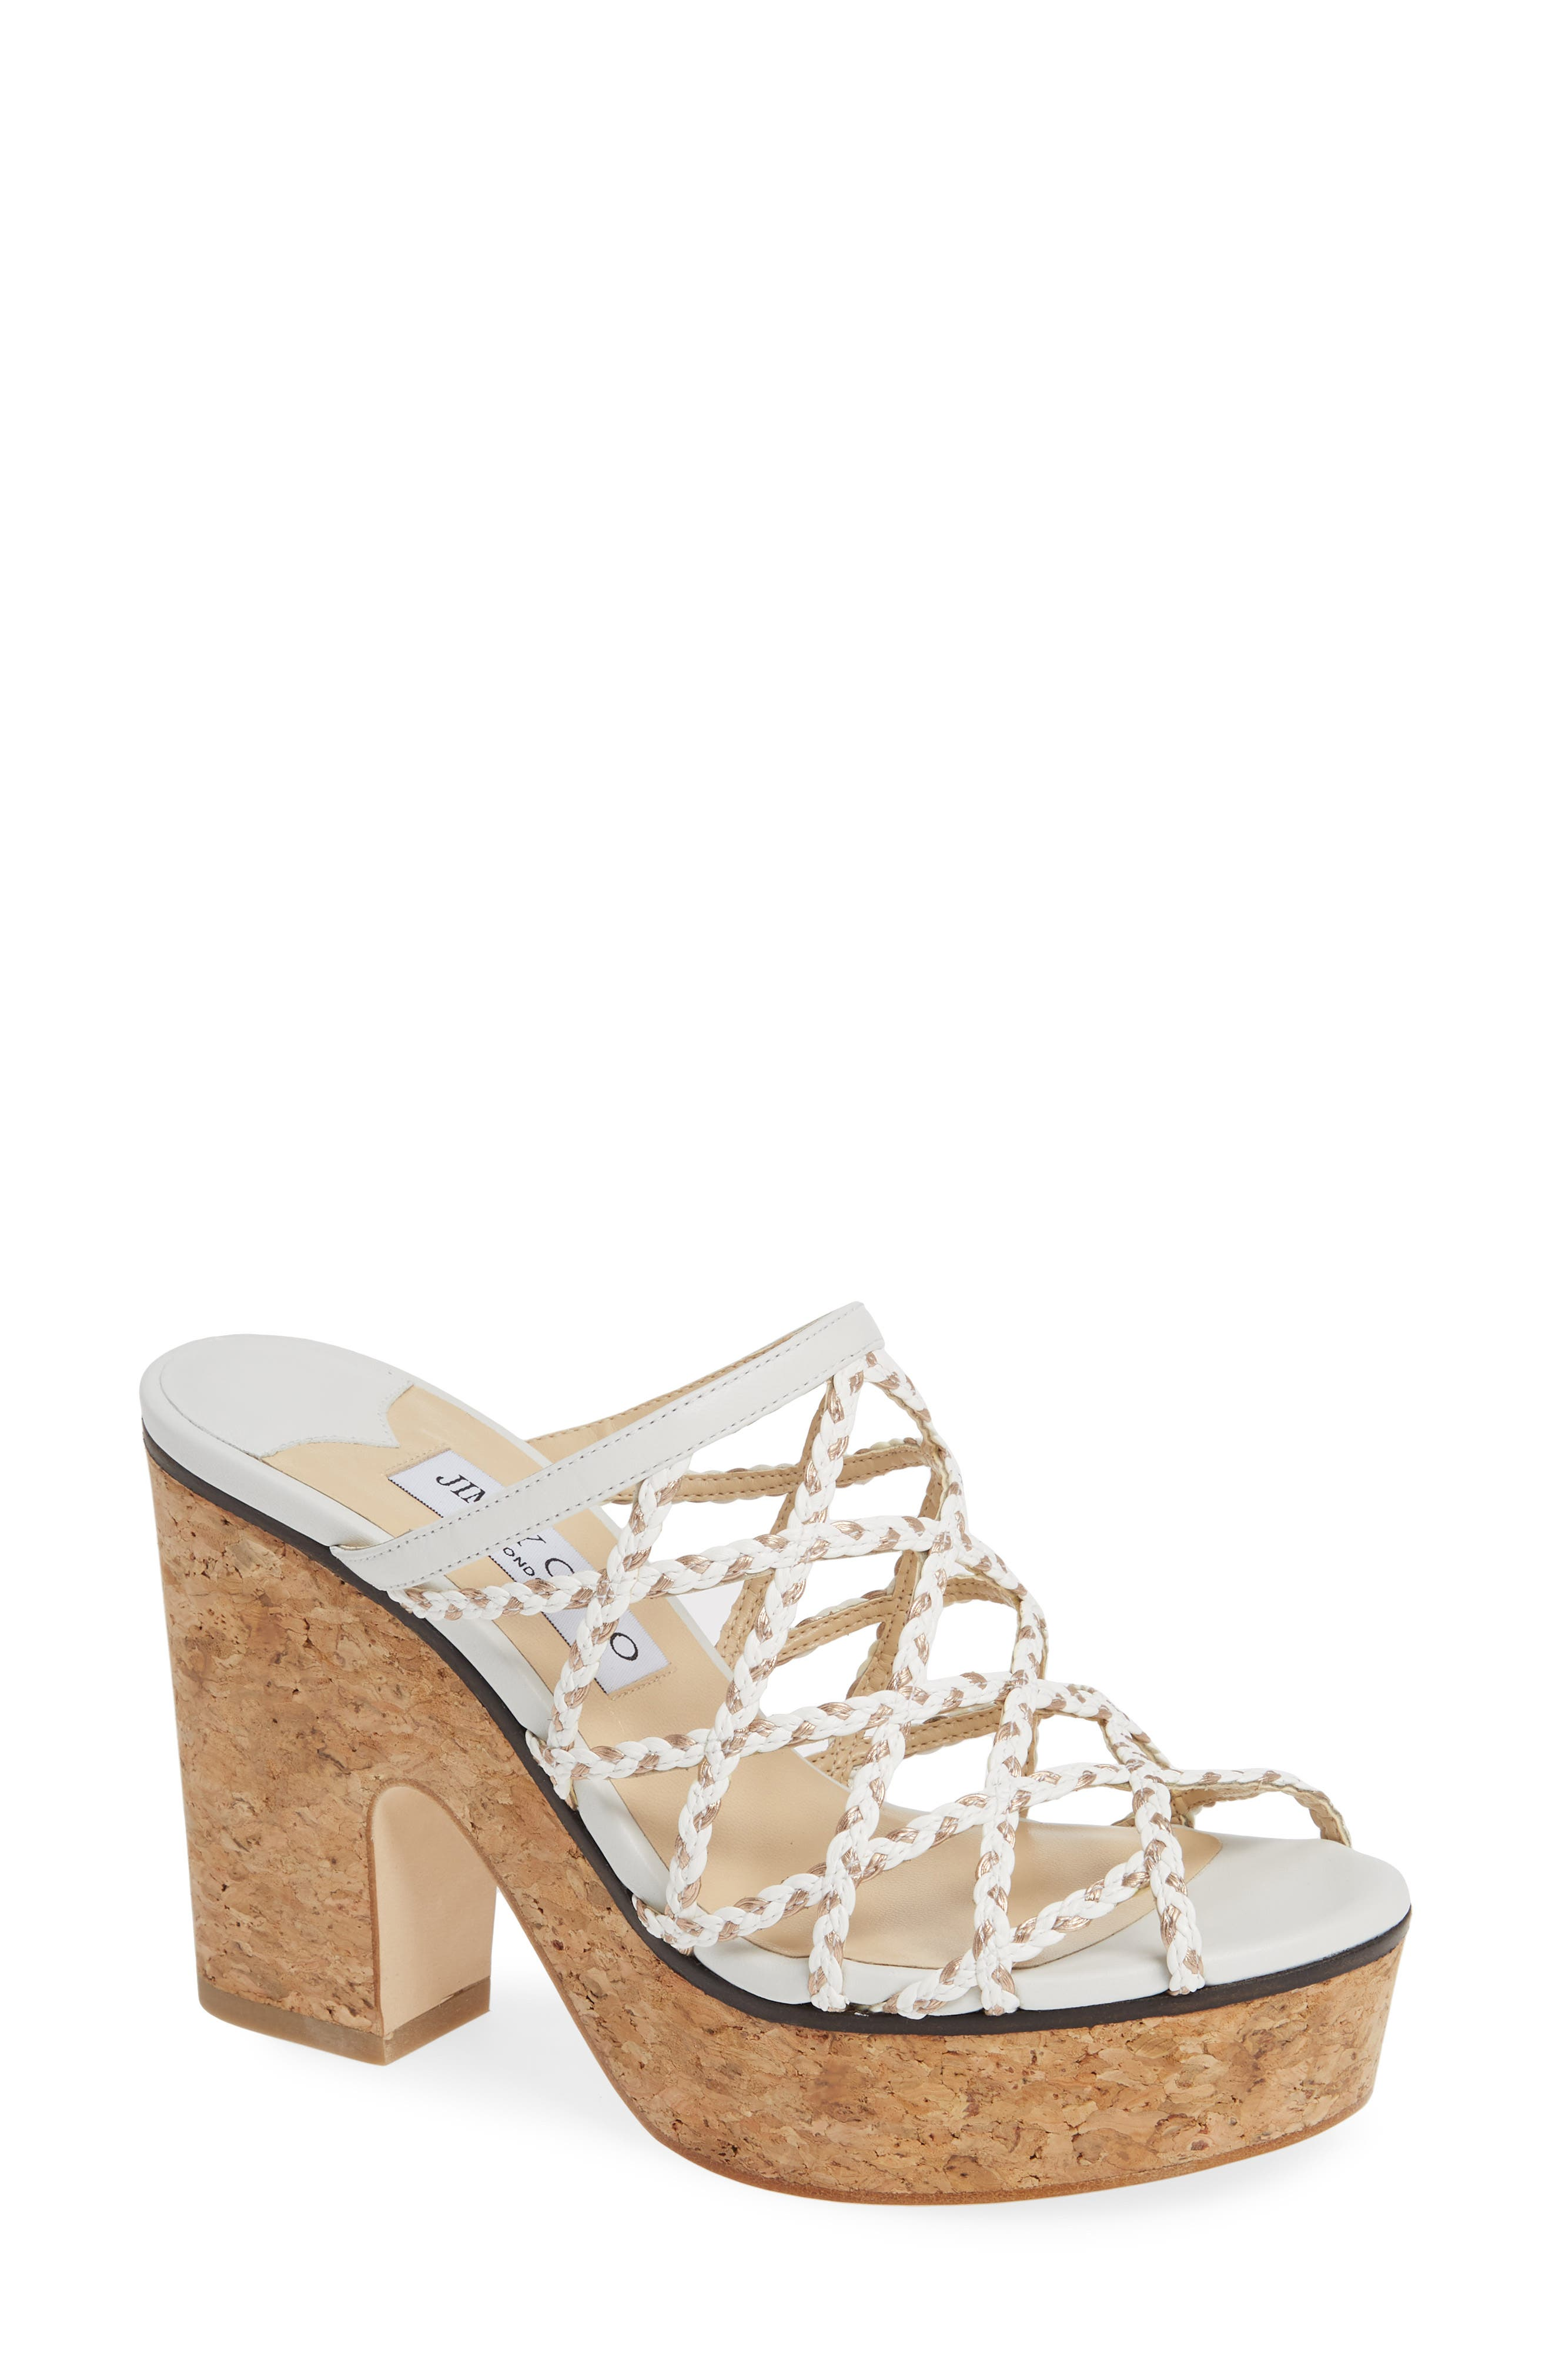 jimmy choo women s shoes nordstrom rh shop nordstrom com  jimmy choo wedge sandals nordstrom